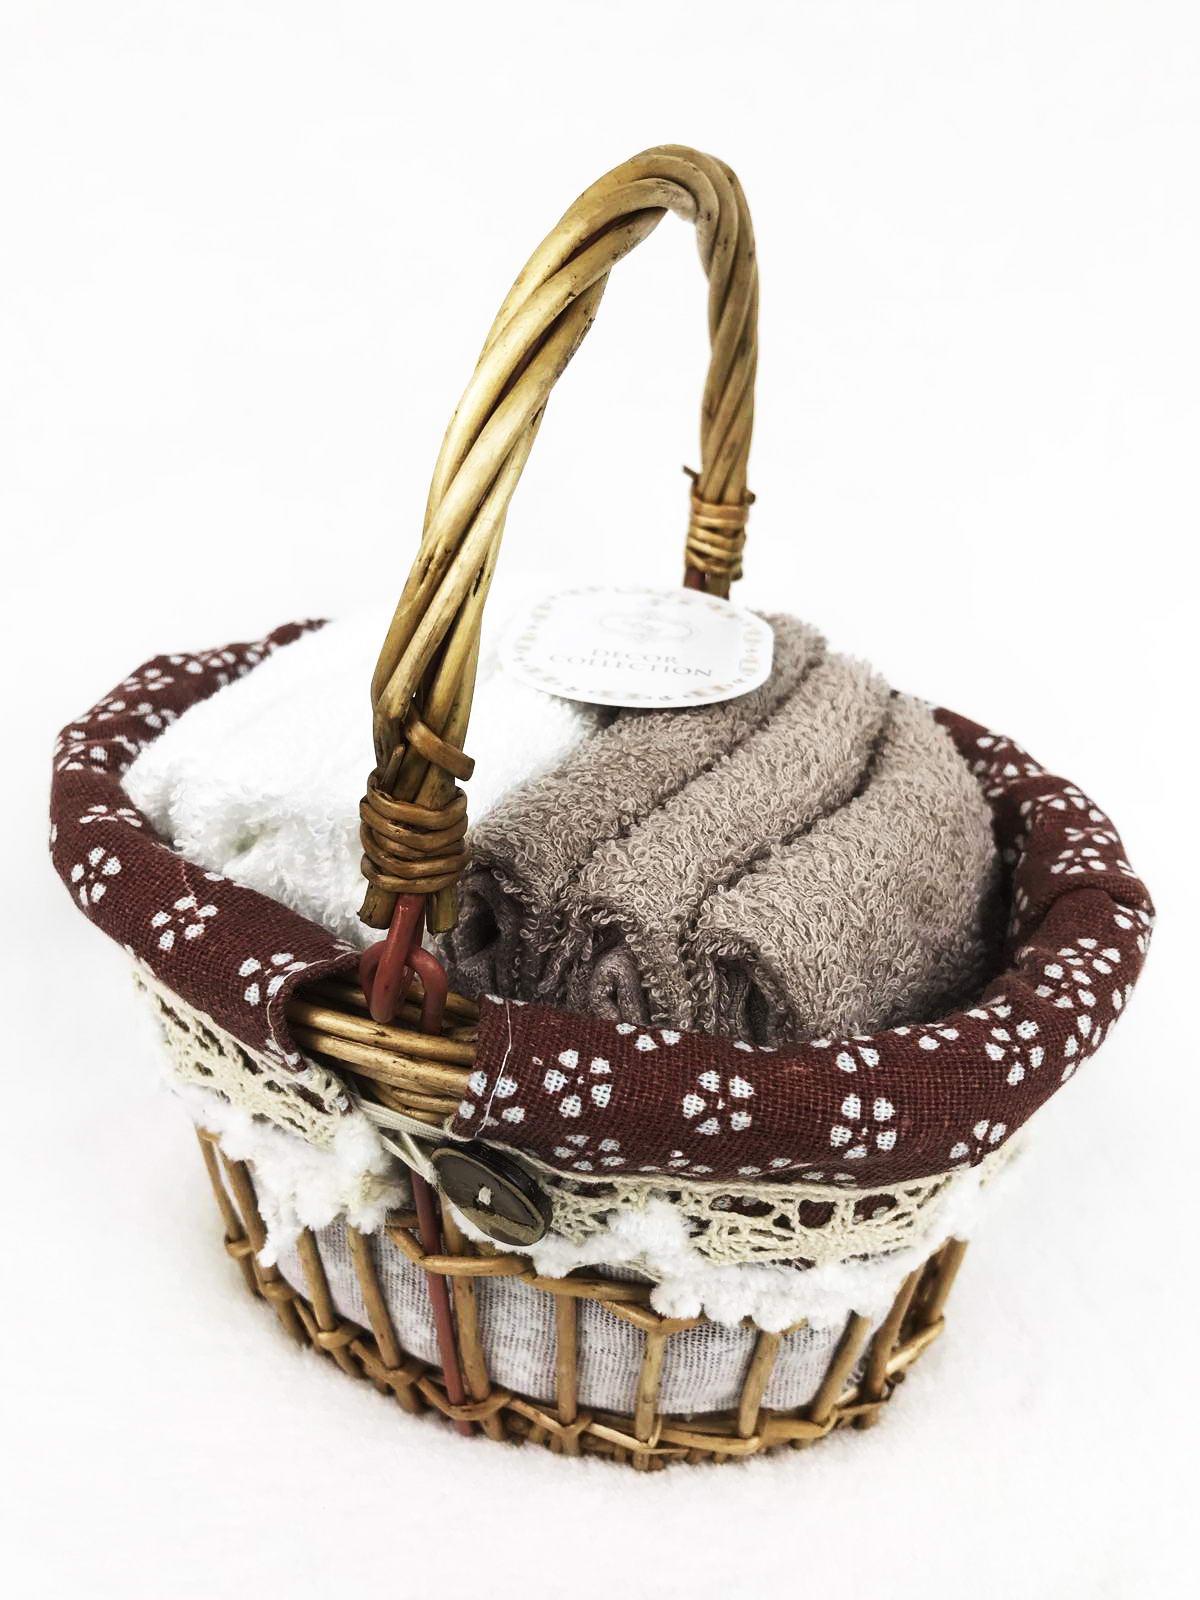 """Набор салфеток Sofi de Marko Виола, Наб-В3, кофе, 6штНвб-В3-кДекоративные салфетки из 100% хлопка представлены в нежных """"пудренных"""" цветовых решениях, прекрасно впитывают влагу и придают ощущение нежности. Салфетки упакованы в декоративную коробку из натурального дерева, которая будет одинаково хорошо смотреться как на кухне, так и в ванной комнате. Размер салфетки: 30х30 (6шт);"""